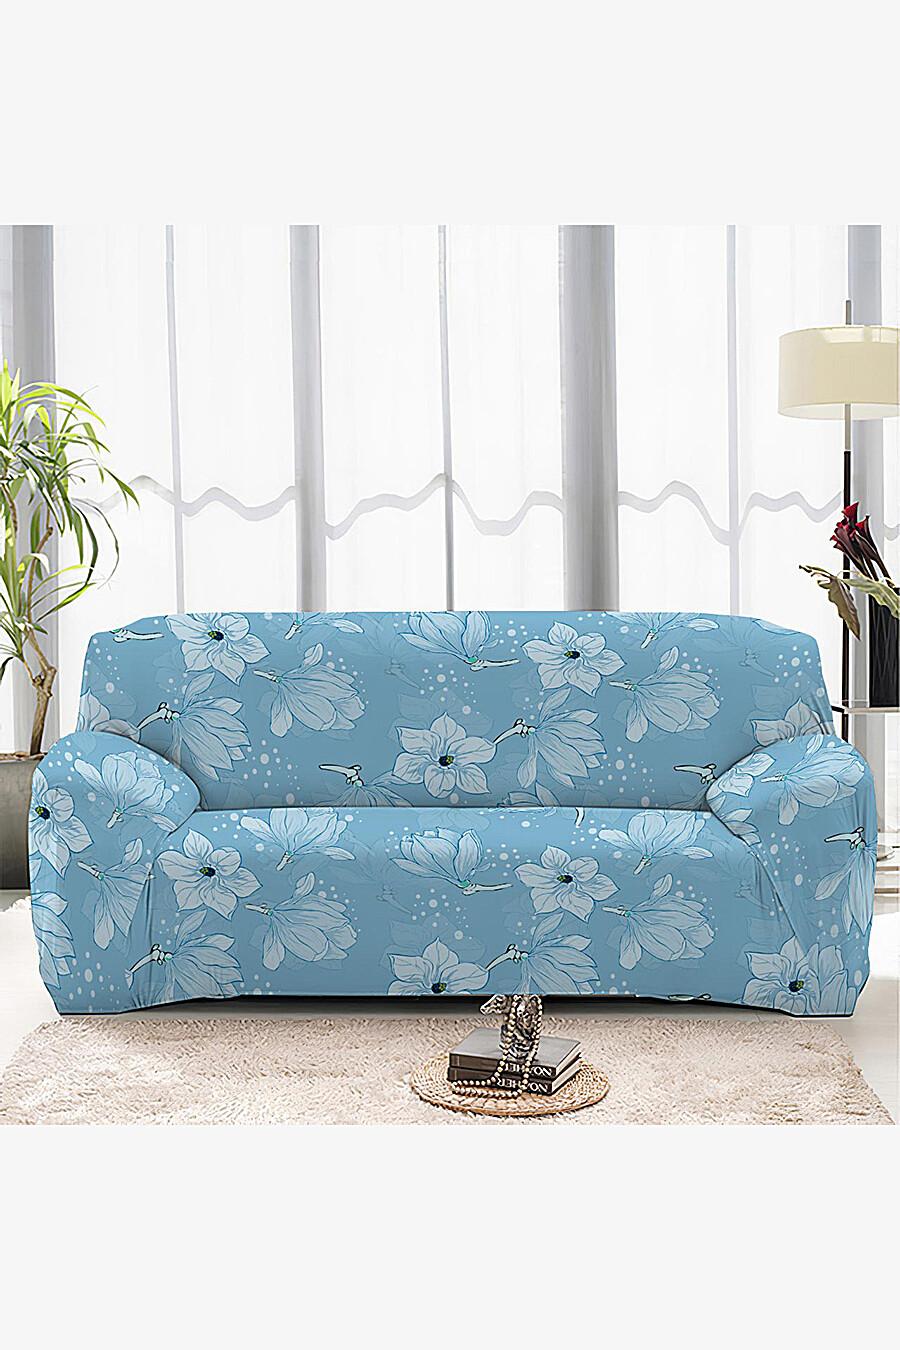 Чехол на диван для дома ART HOME TEXTILE 162798 купить оптом от производителя. Совместная покупка товаров для дома в OptMoyo